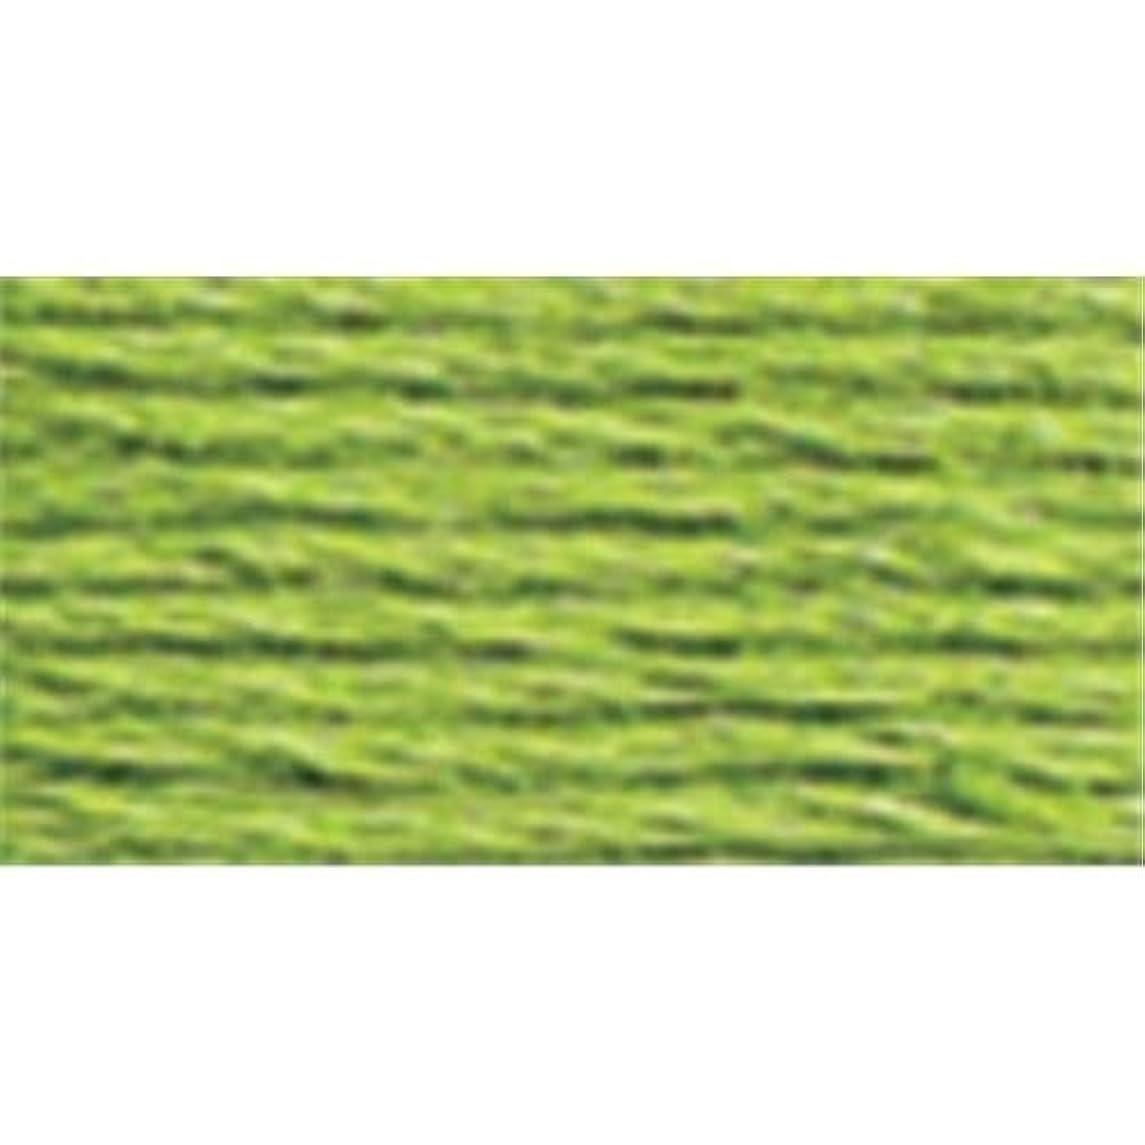 DMC 115 3-704 Pearl Cotton Thread, Bright Chartreuse